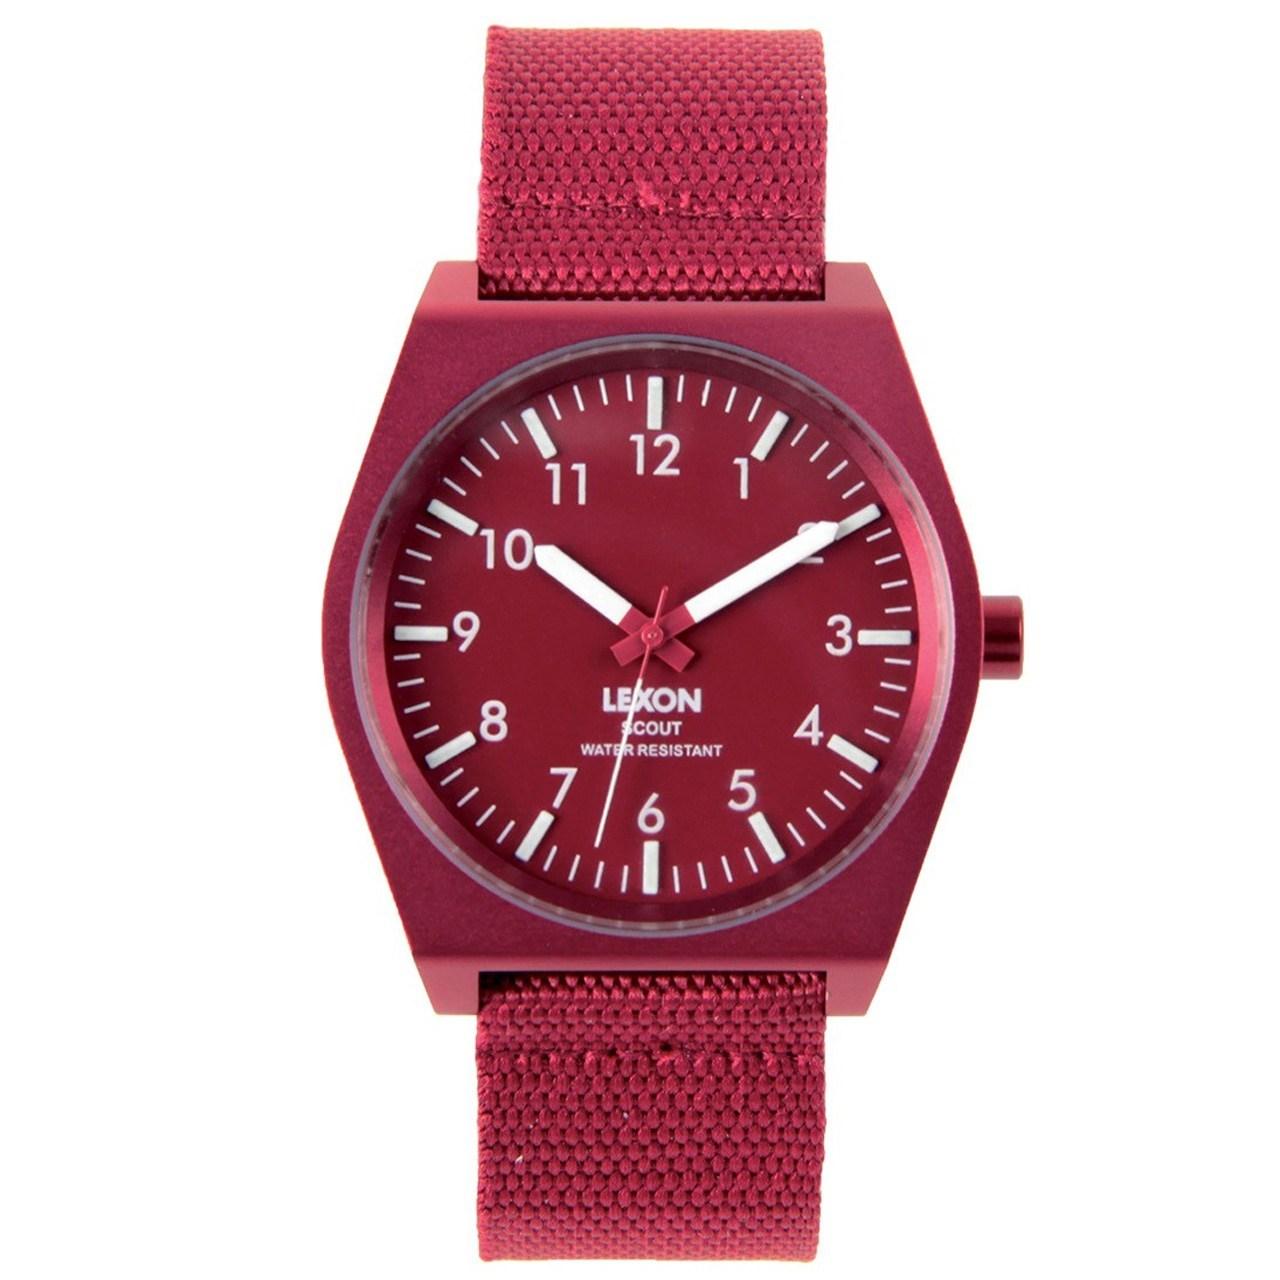 خرید ساعت مچی عقربه ای لکسون LM128R